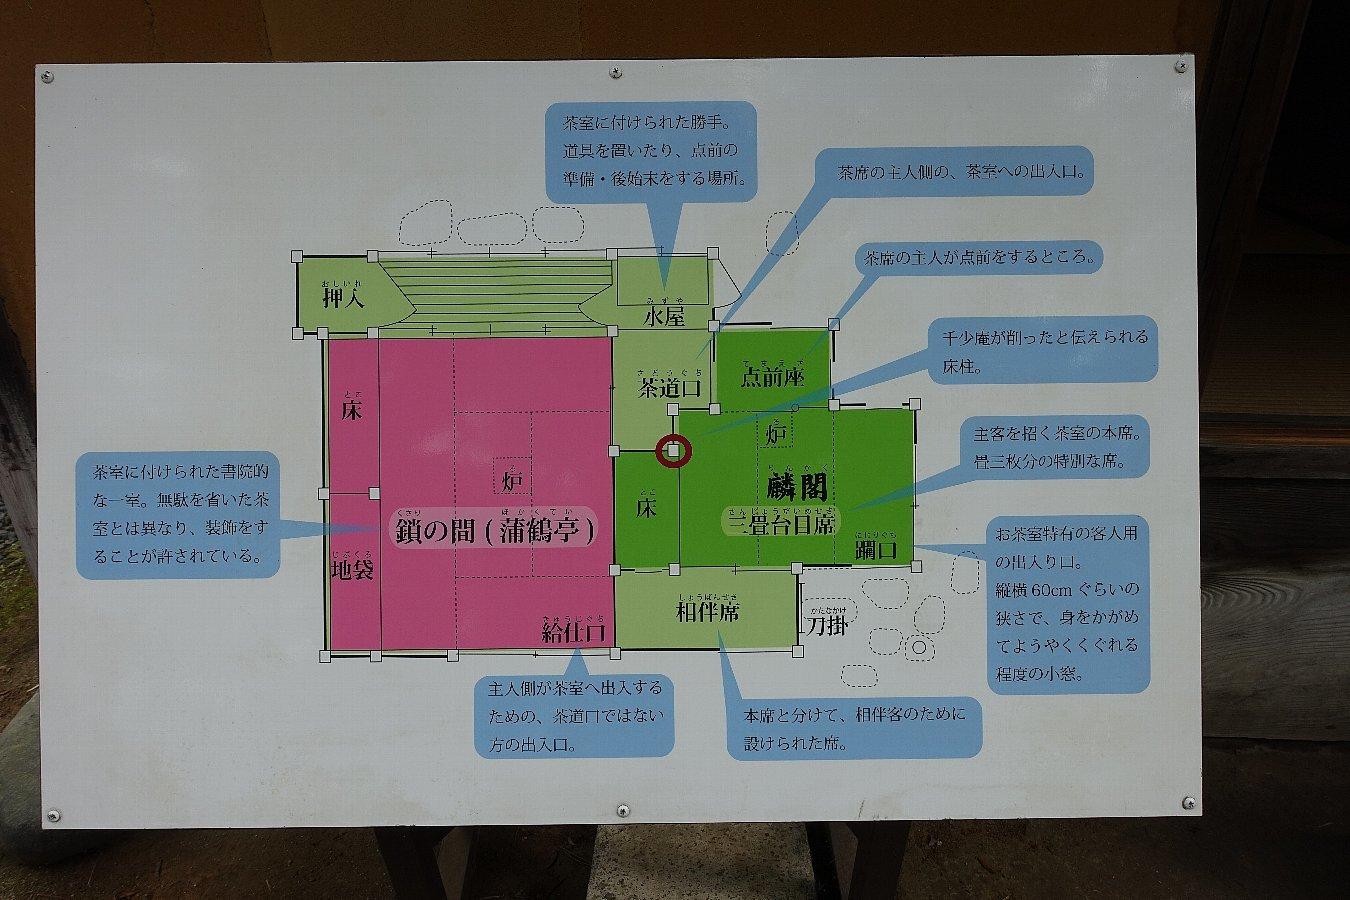 鶴ヶ城公園 茶室「麟閣」_c0112559_08381256.jpg